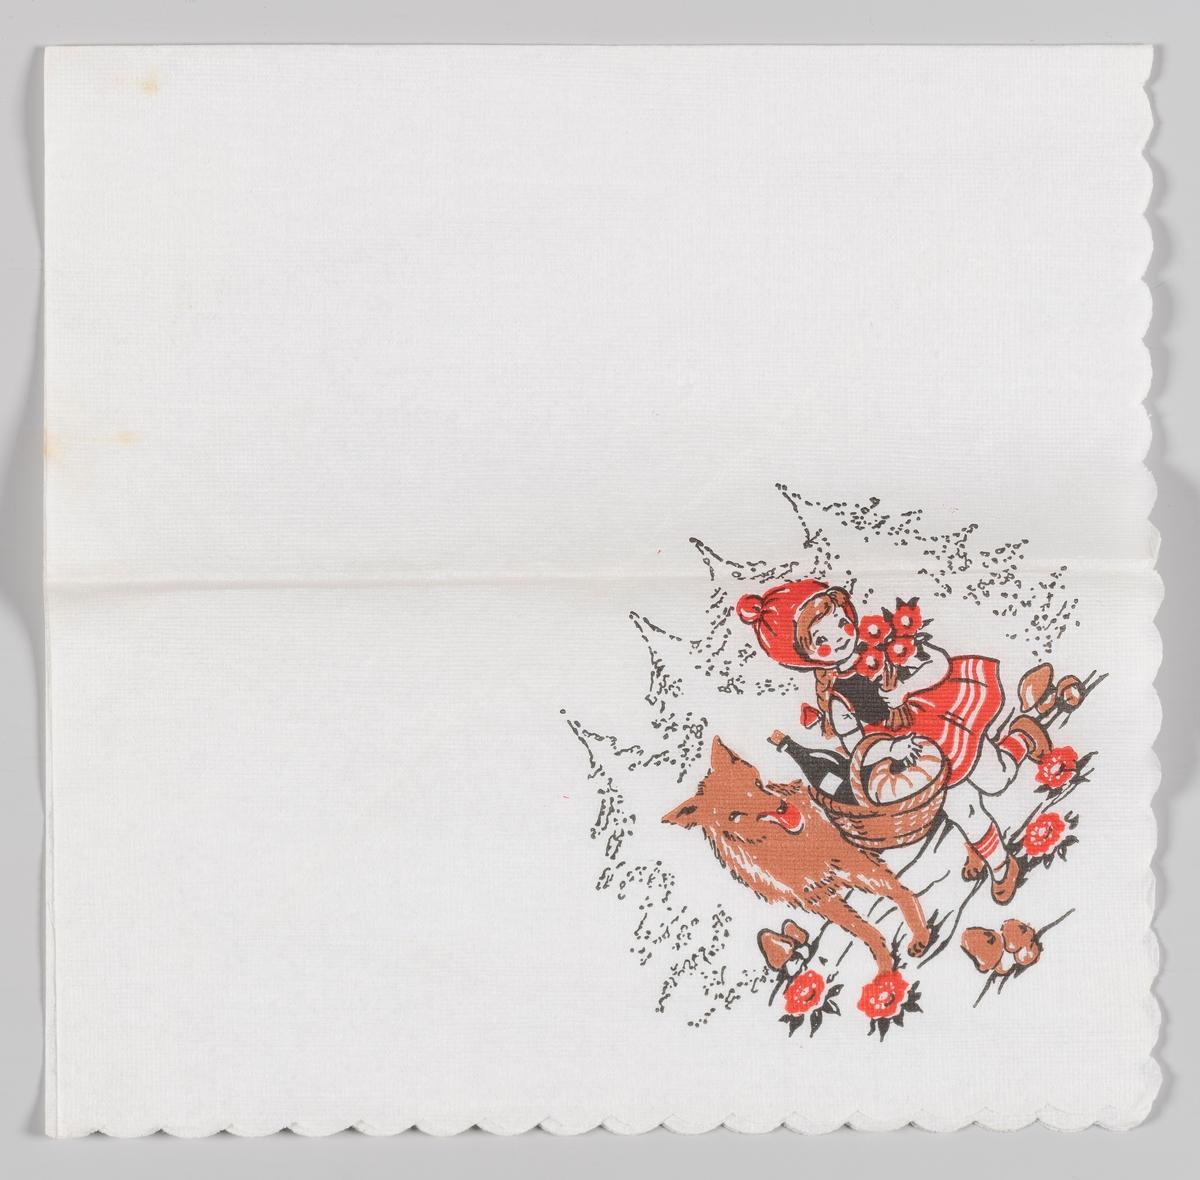 Rødhette og ulven. Rødhetter møter ulven i skogen på vei til bestemoren sin.